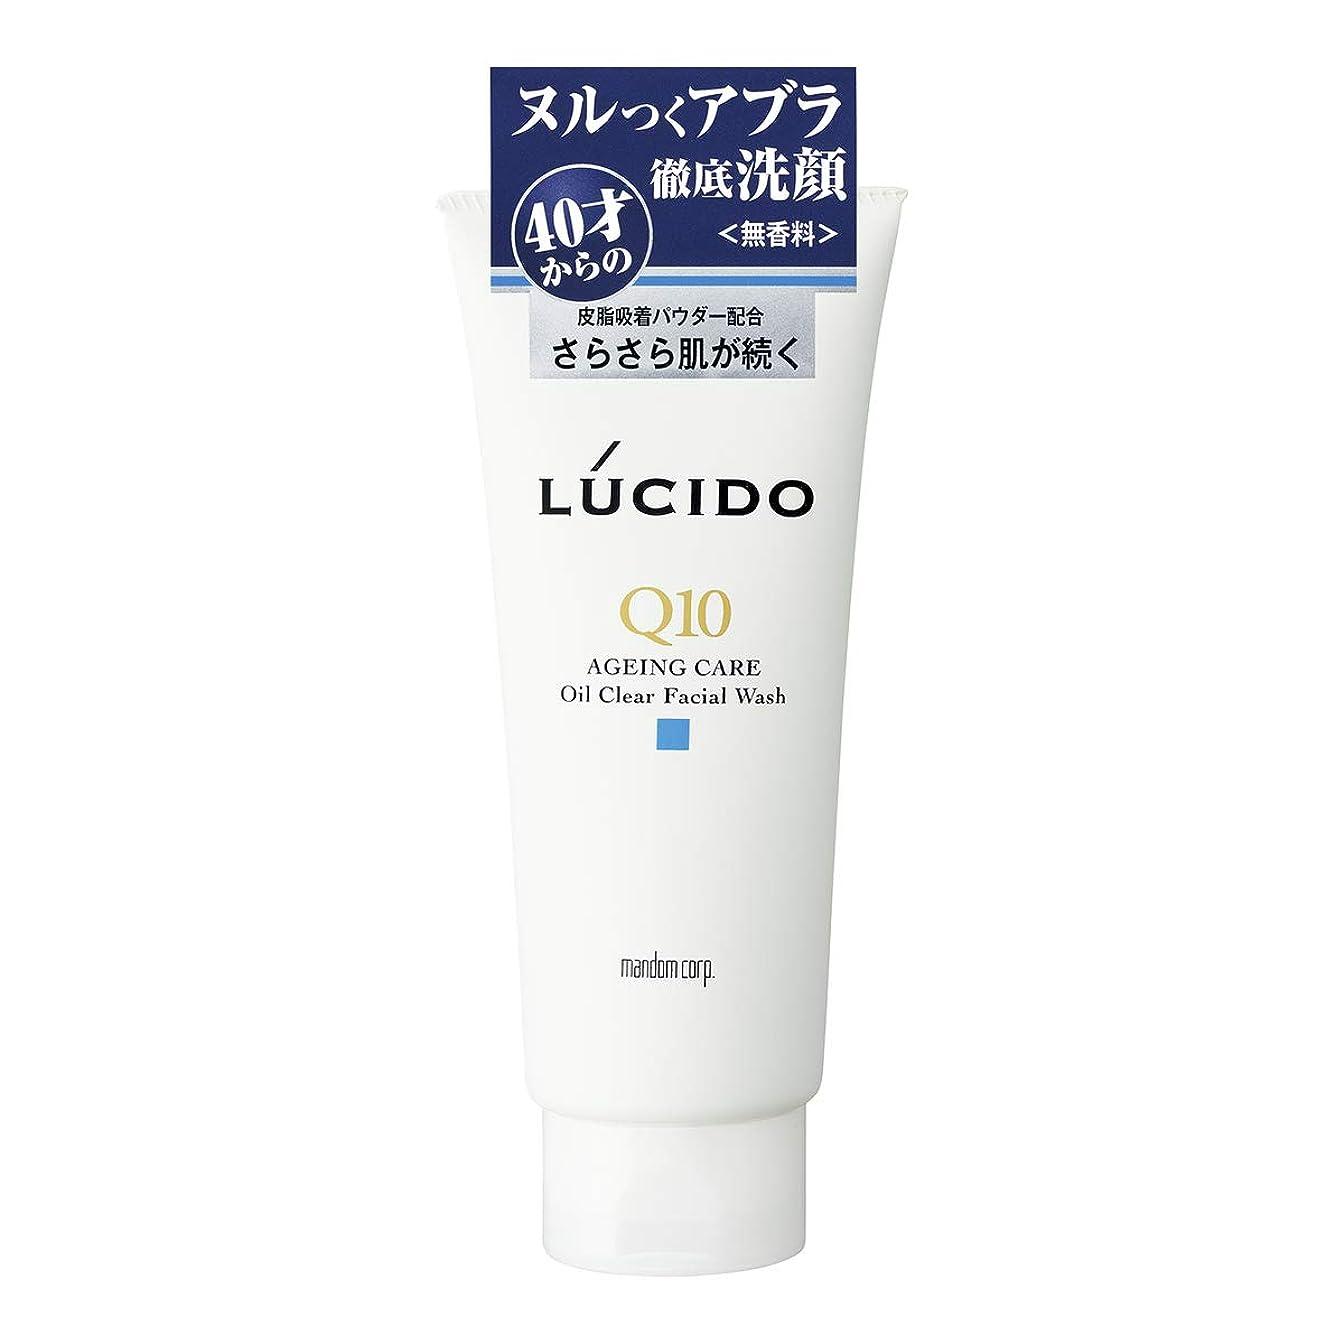 元気な威する叫ぶLUCIDO(ルシード) オイルクリア洗顔フォーム Q10 130g